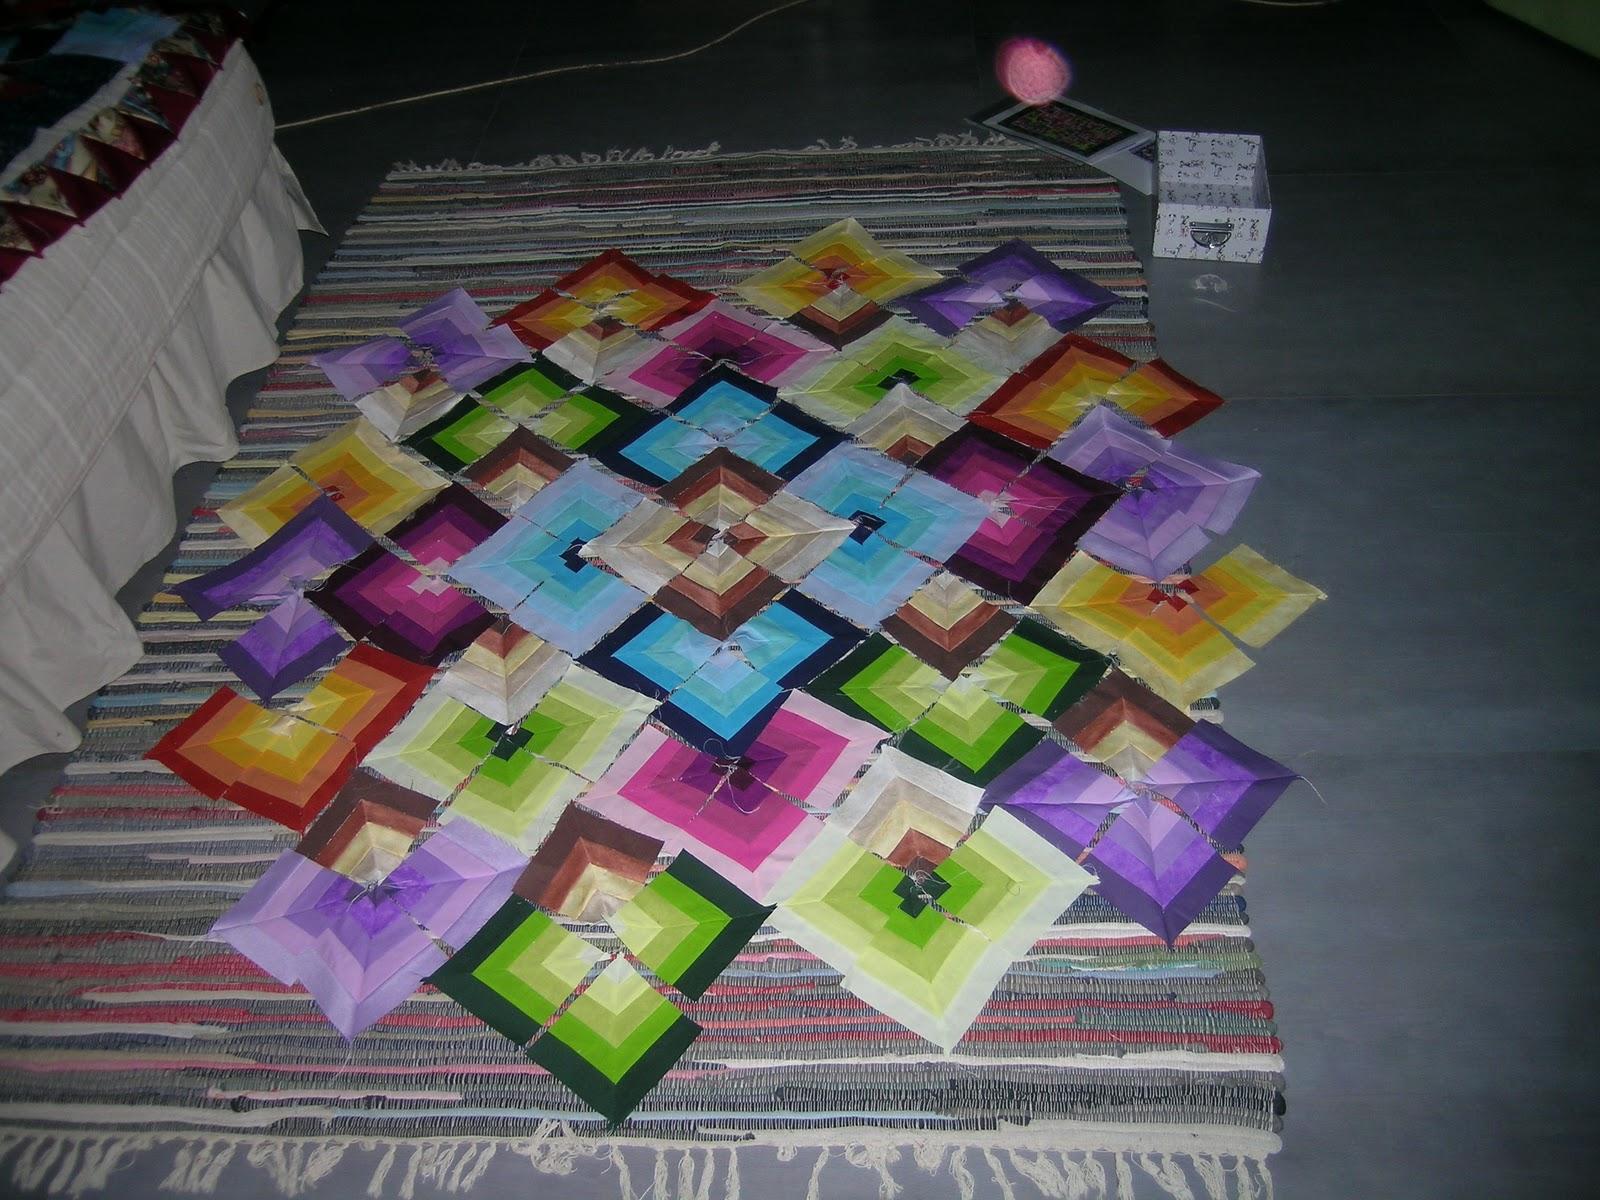 Labores artesanas arco iris de colores - Almazuelas patrones gratis ...